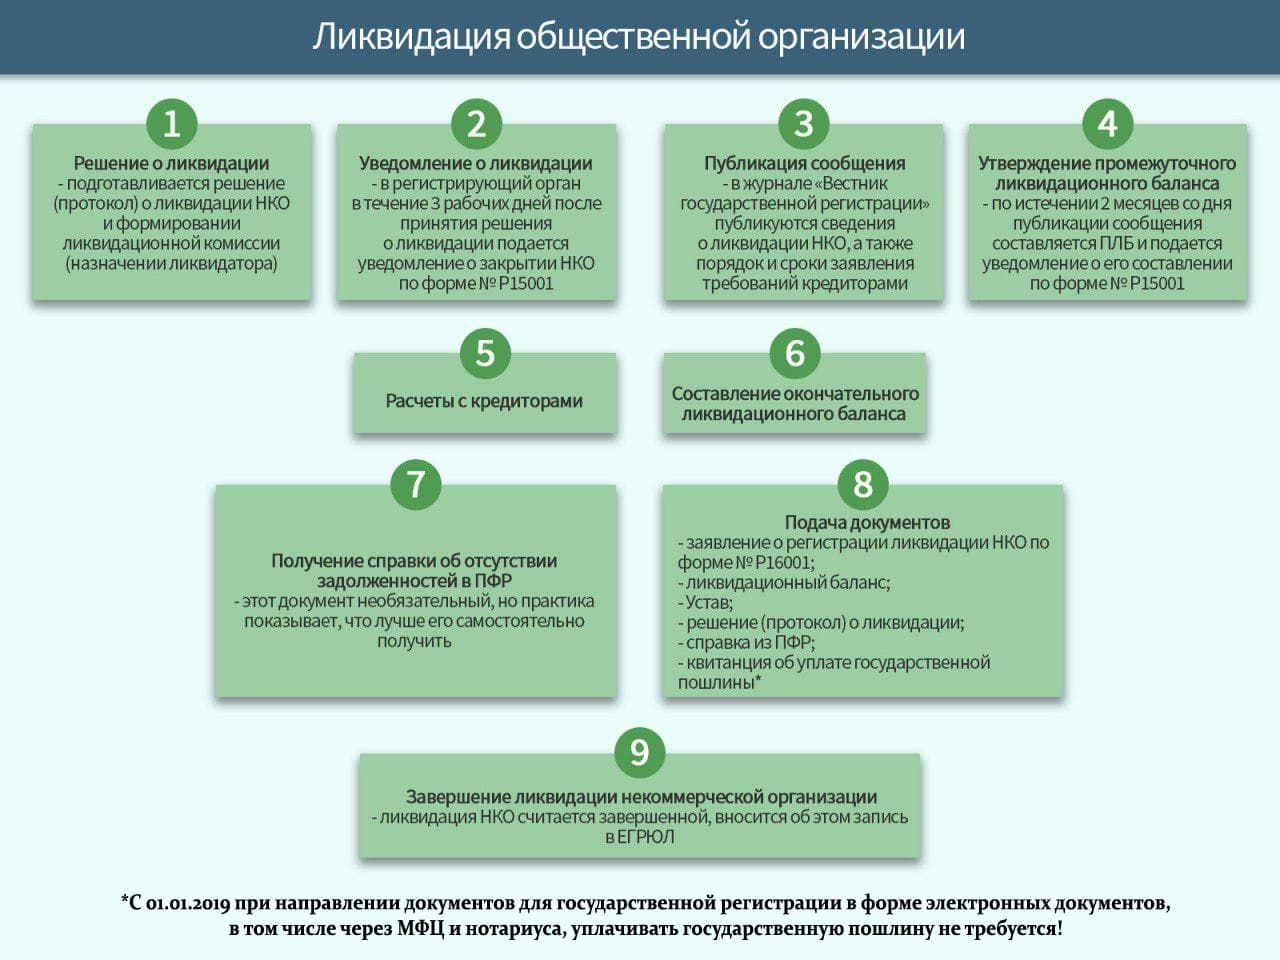 инструкция по ликвидации некоммерческой организации в 2019 году фото